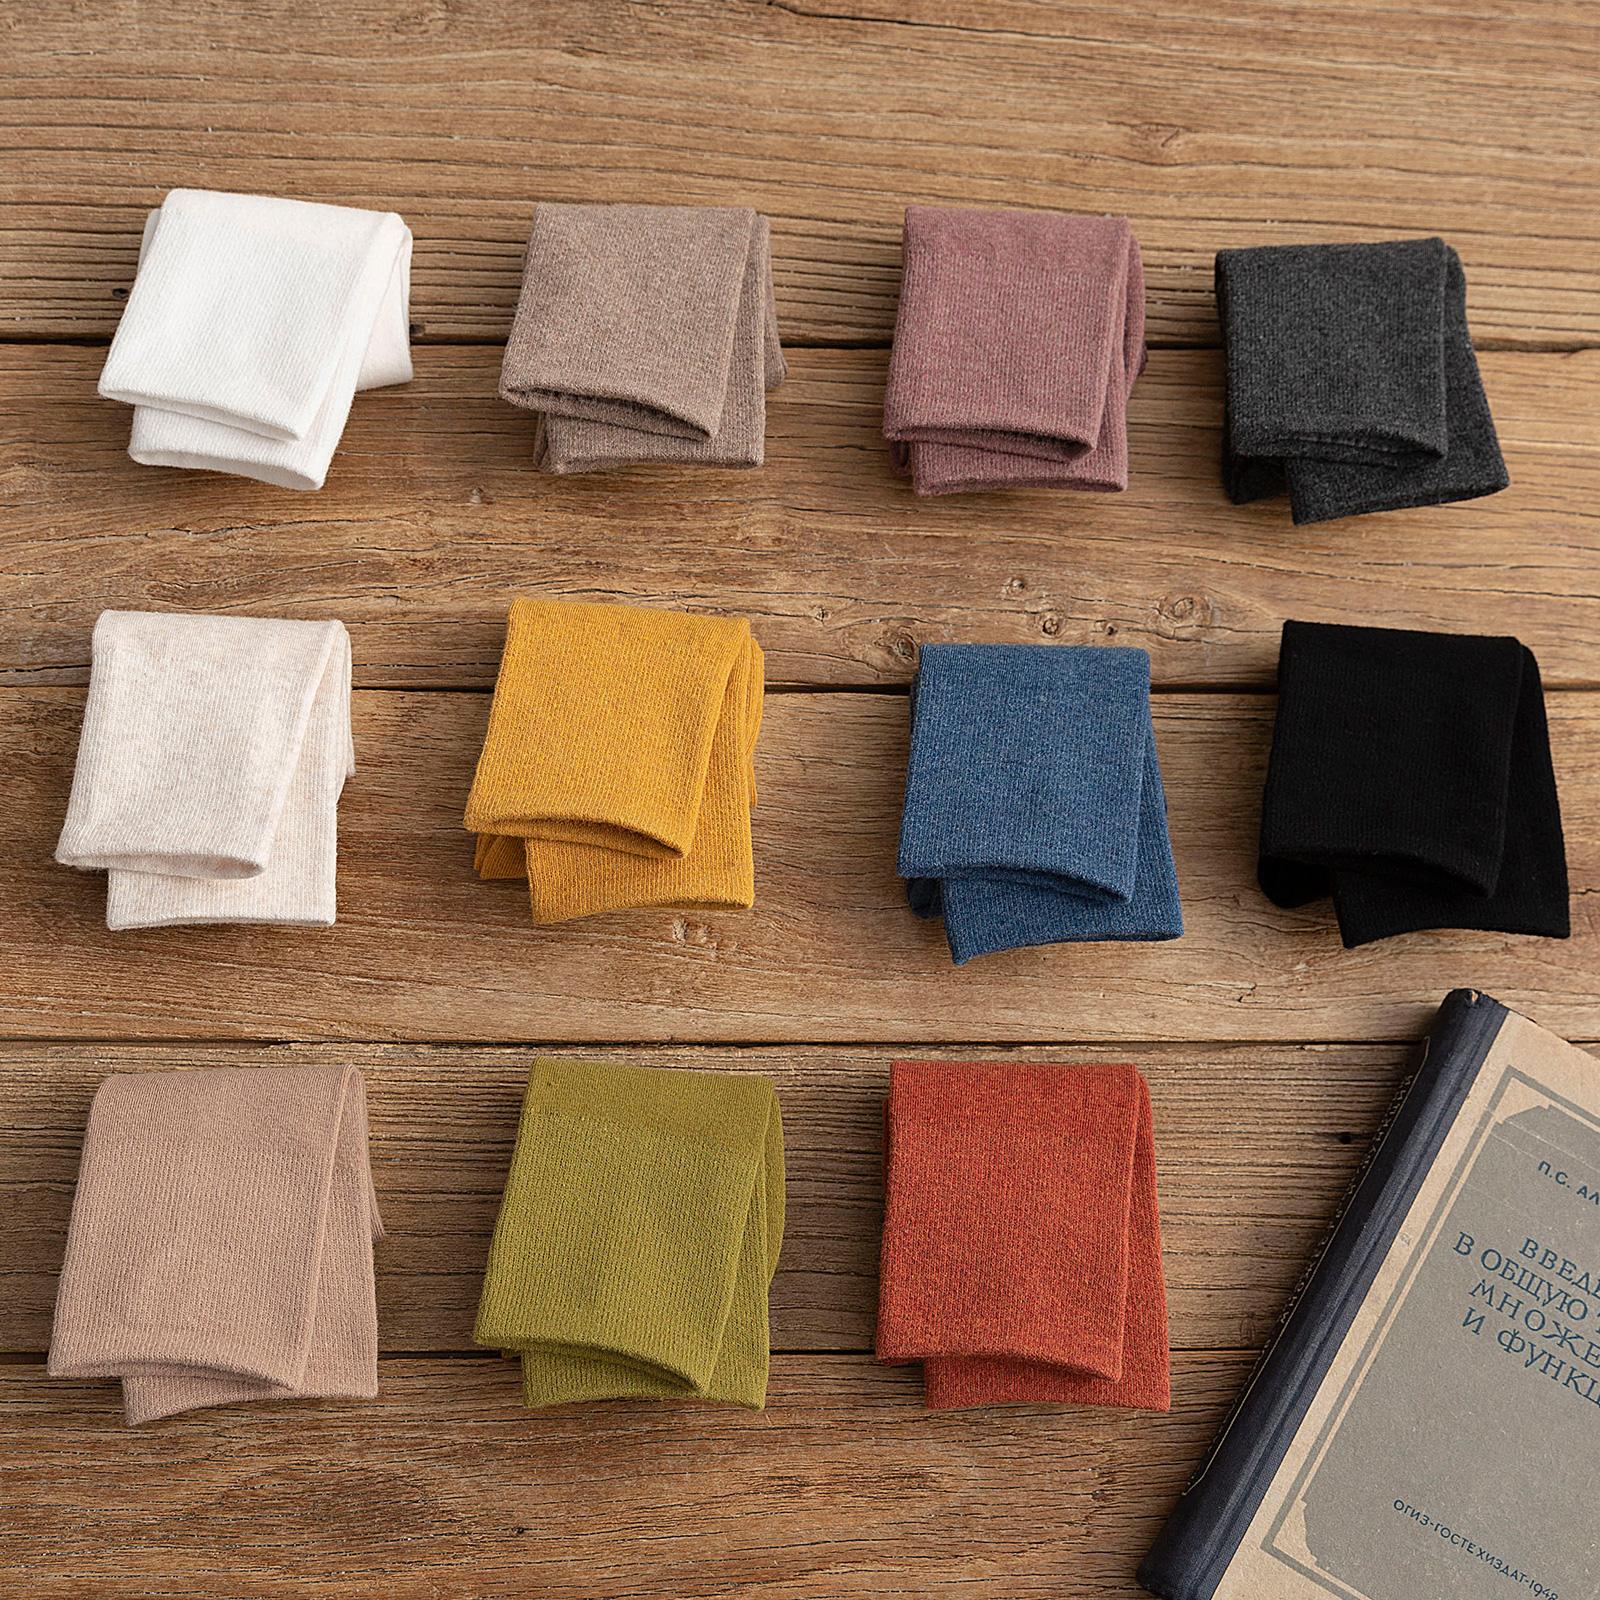 袜子女中筒袜堆堆袜薄款纯棉春秋韩国全棉长袜日系纯色秋冬长筒袜